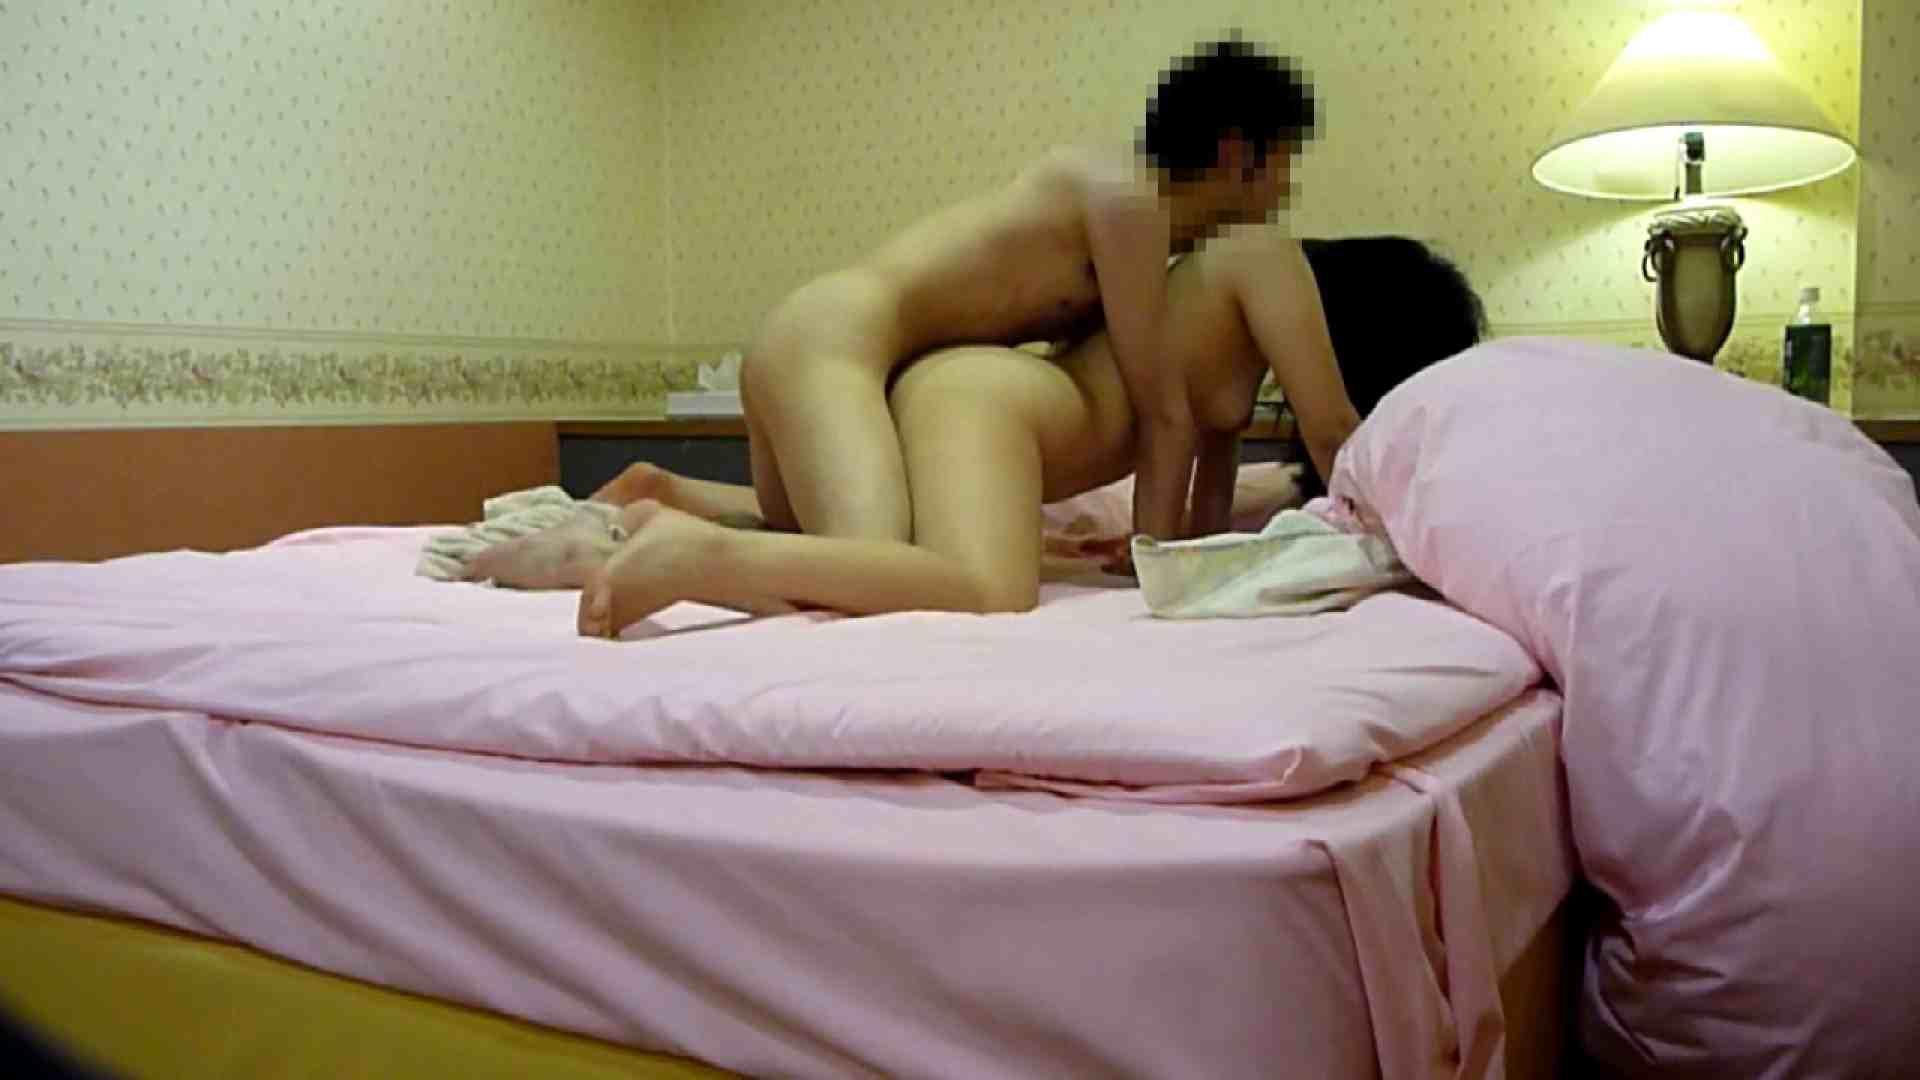 【完全素人投稿】誰にしようか!?やりチン健太の本日もデリ嬢いただきま~す!!05 投稿  95pic 52